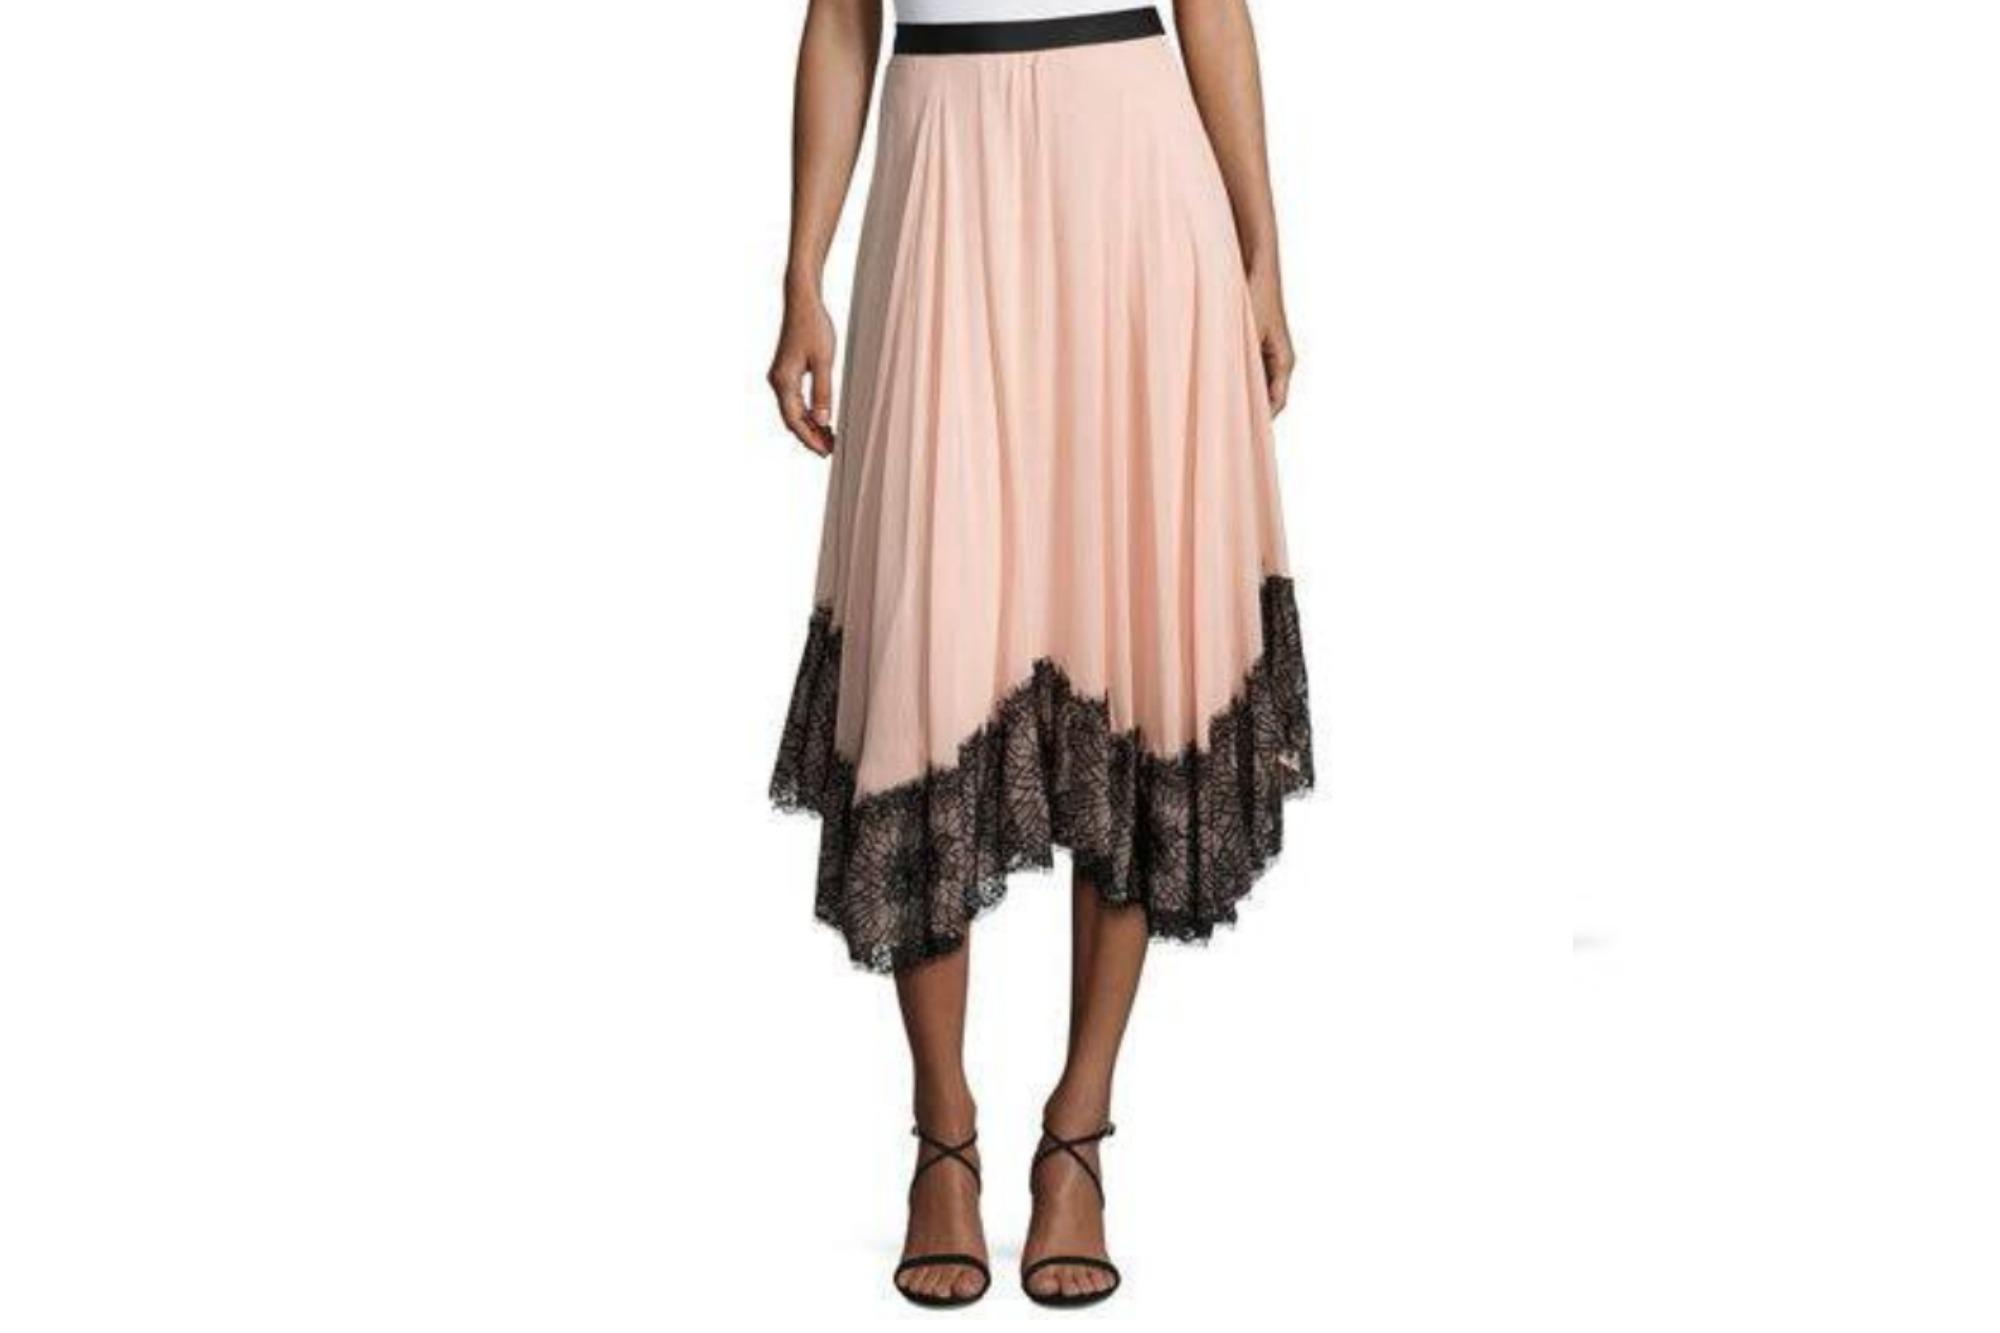 Cinq A Sept Chiffon Skirt